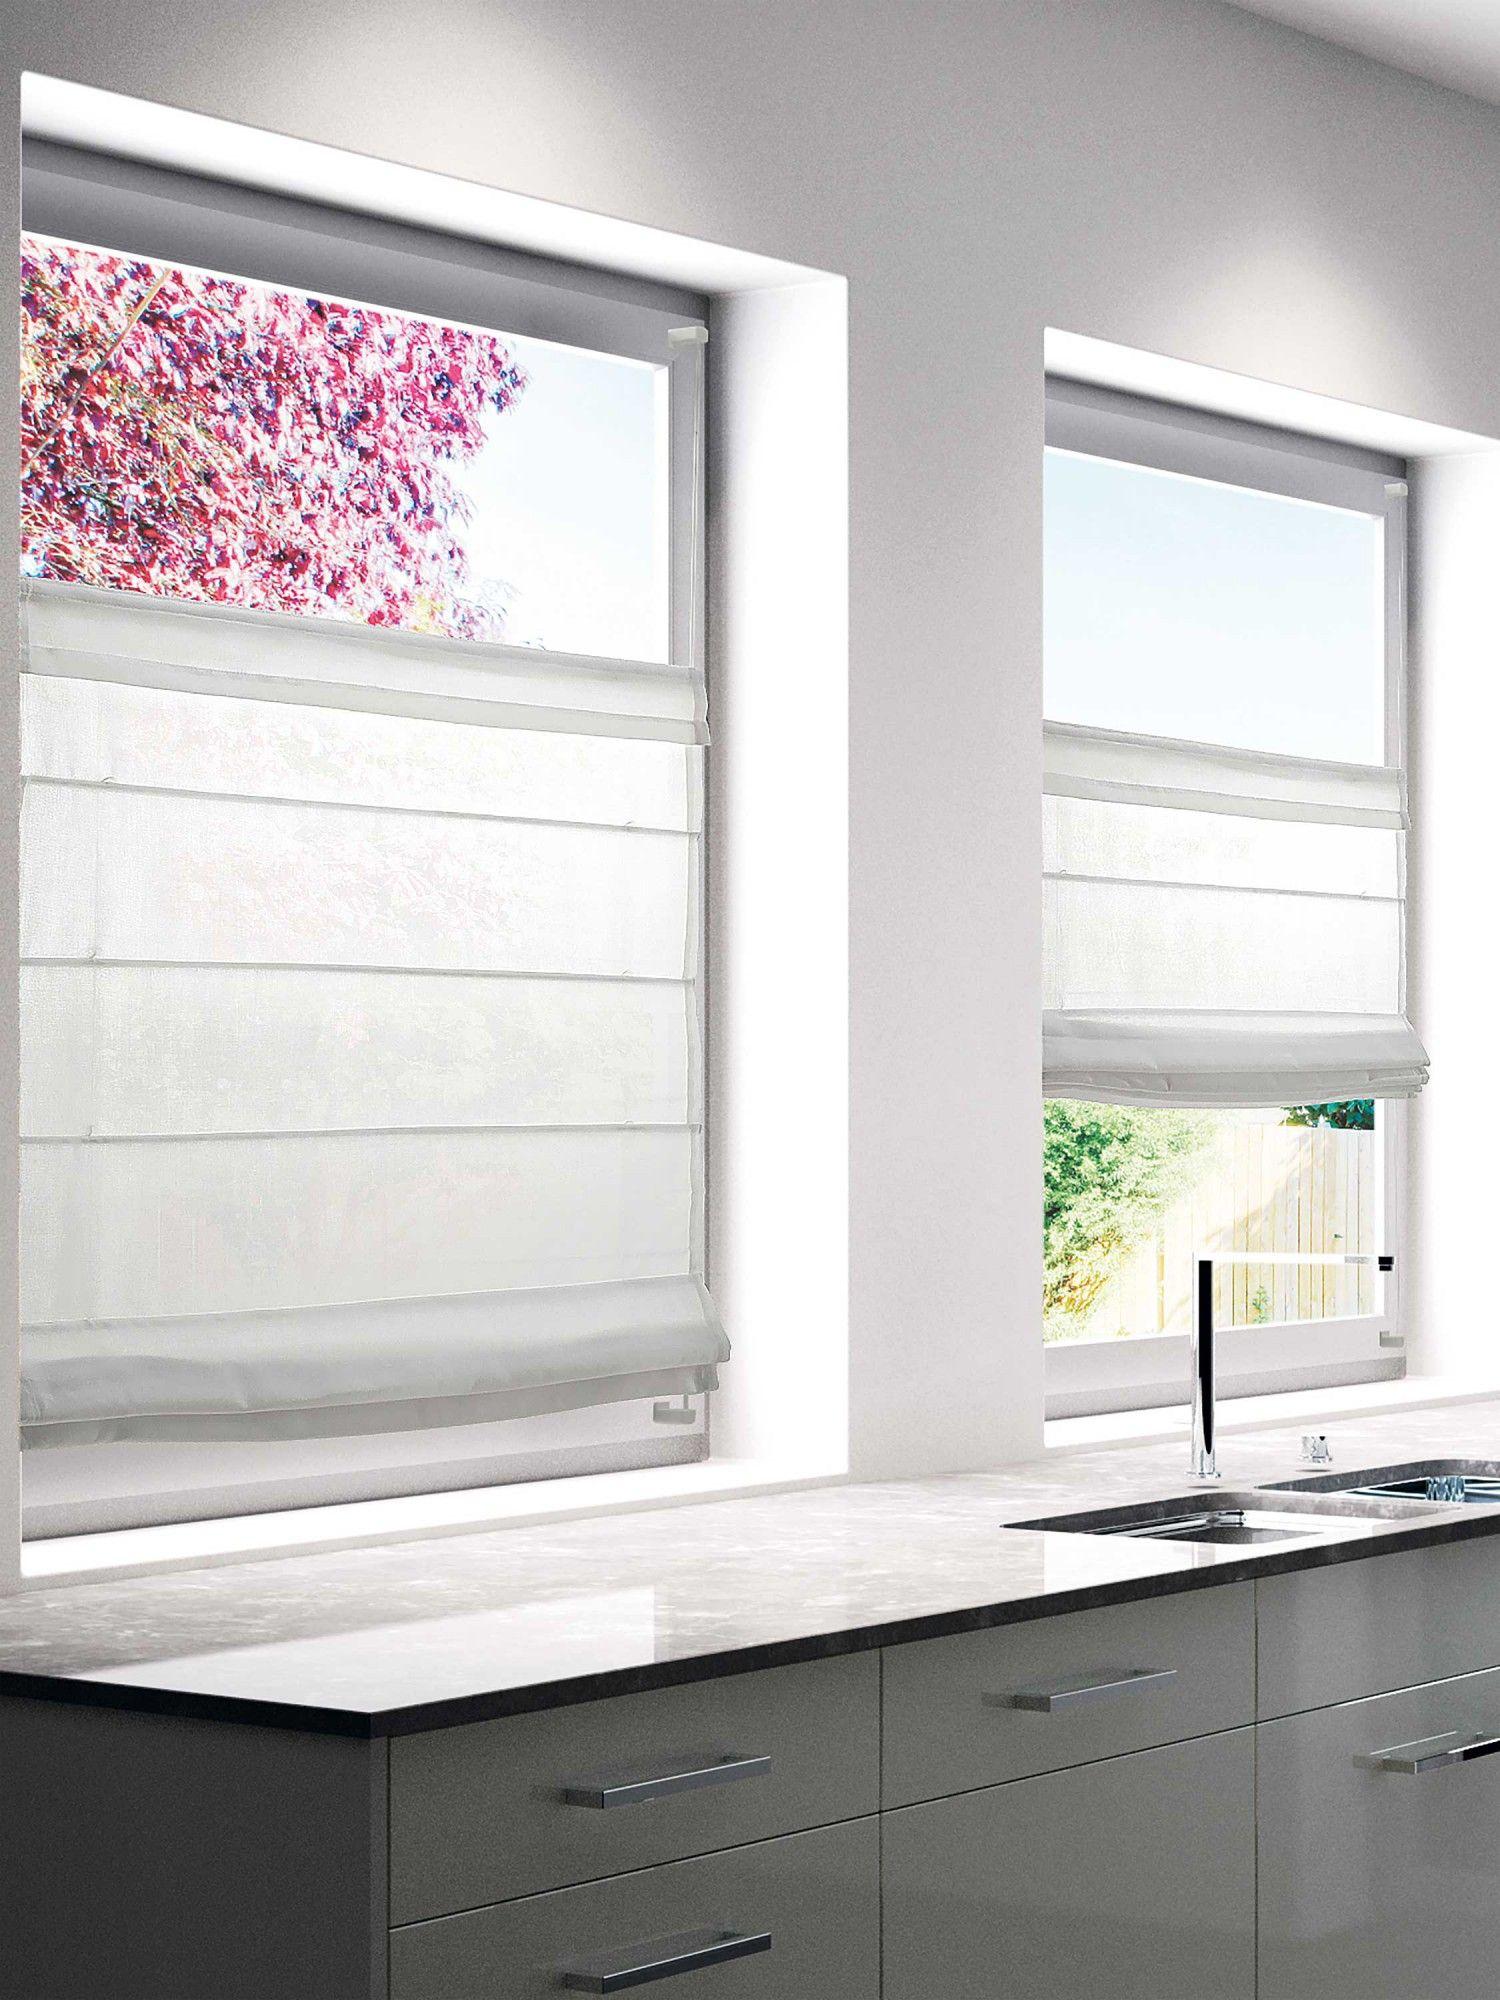 Faltrollo Mood Weiss 60x130cm Bh 60x130 Cm Kuchenfenster Gardinen Gardinen Ideen Bad Gardinen